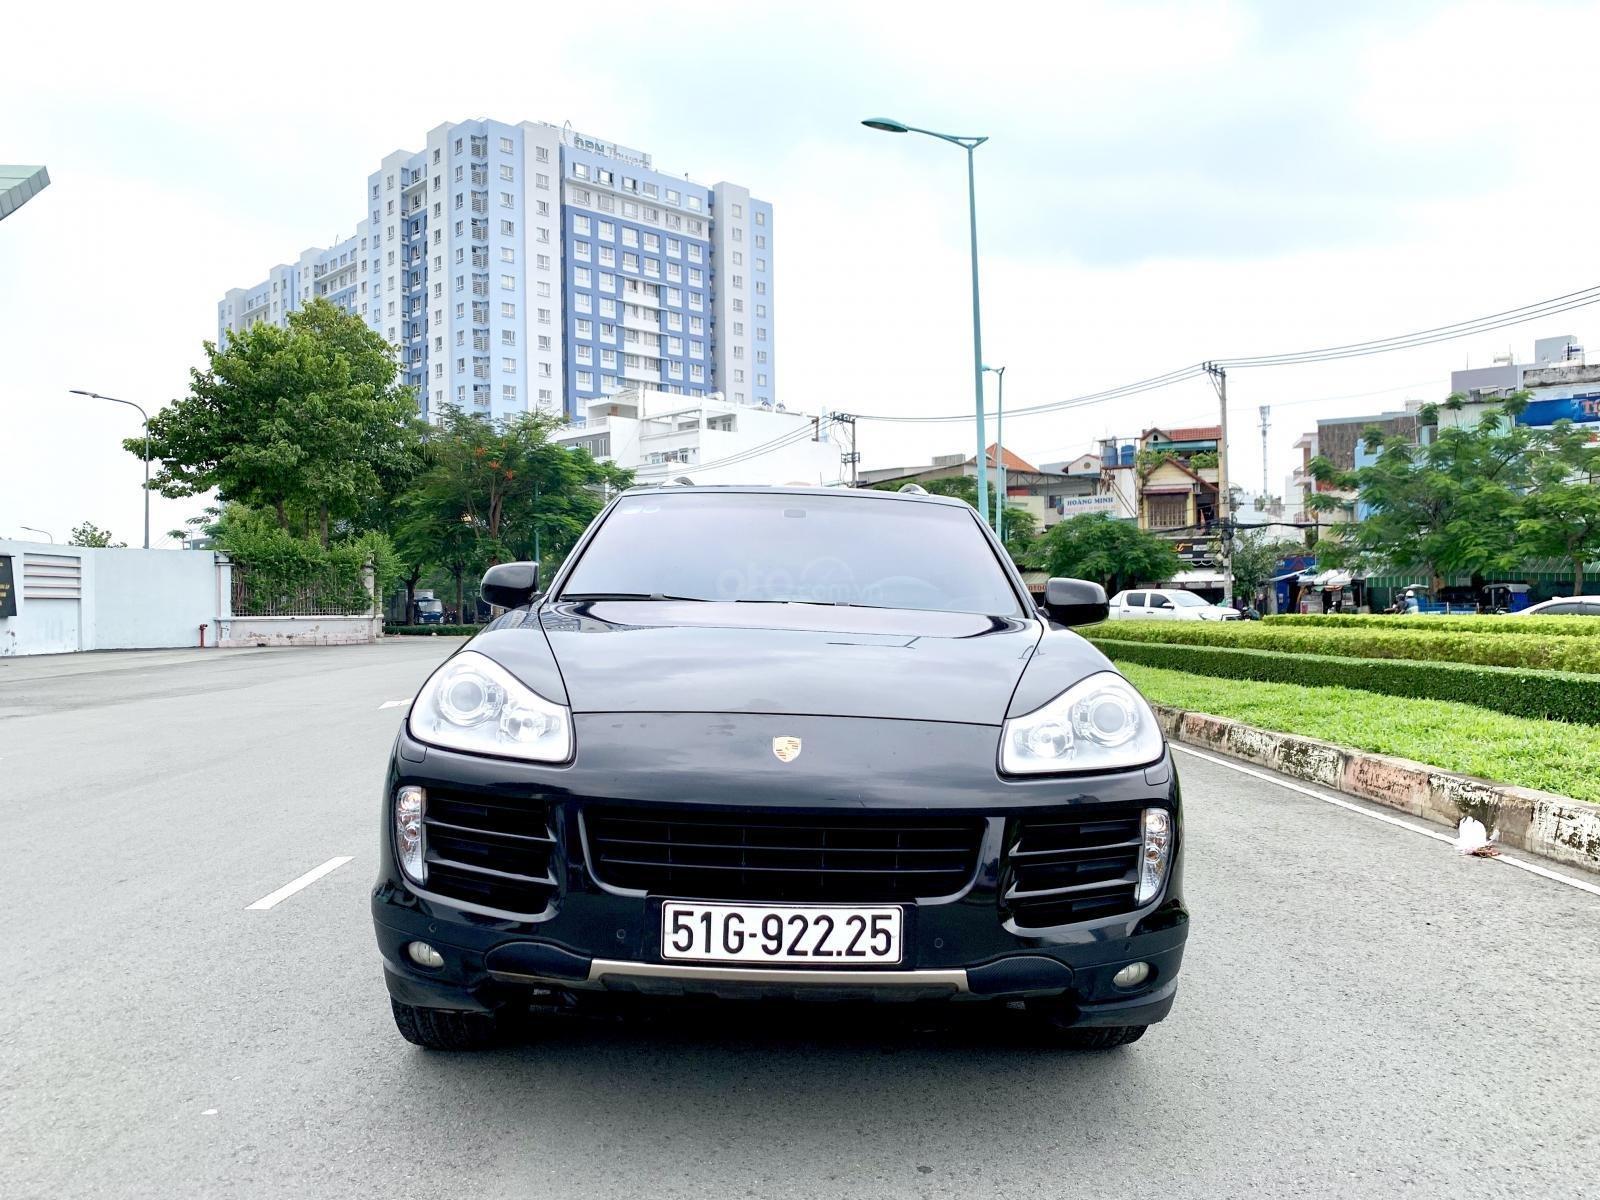 Porsche Cayenne nhập mới 2009 hàng hiếm, có chạy đúng 68 ngàn (5)